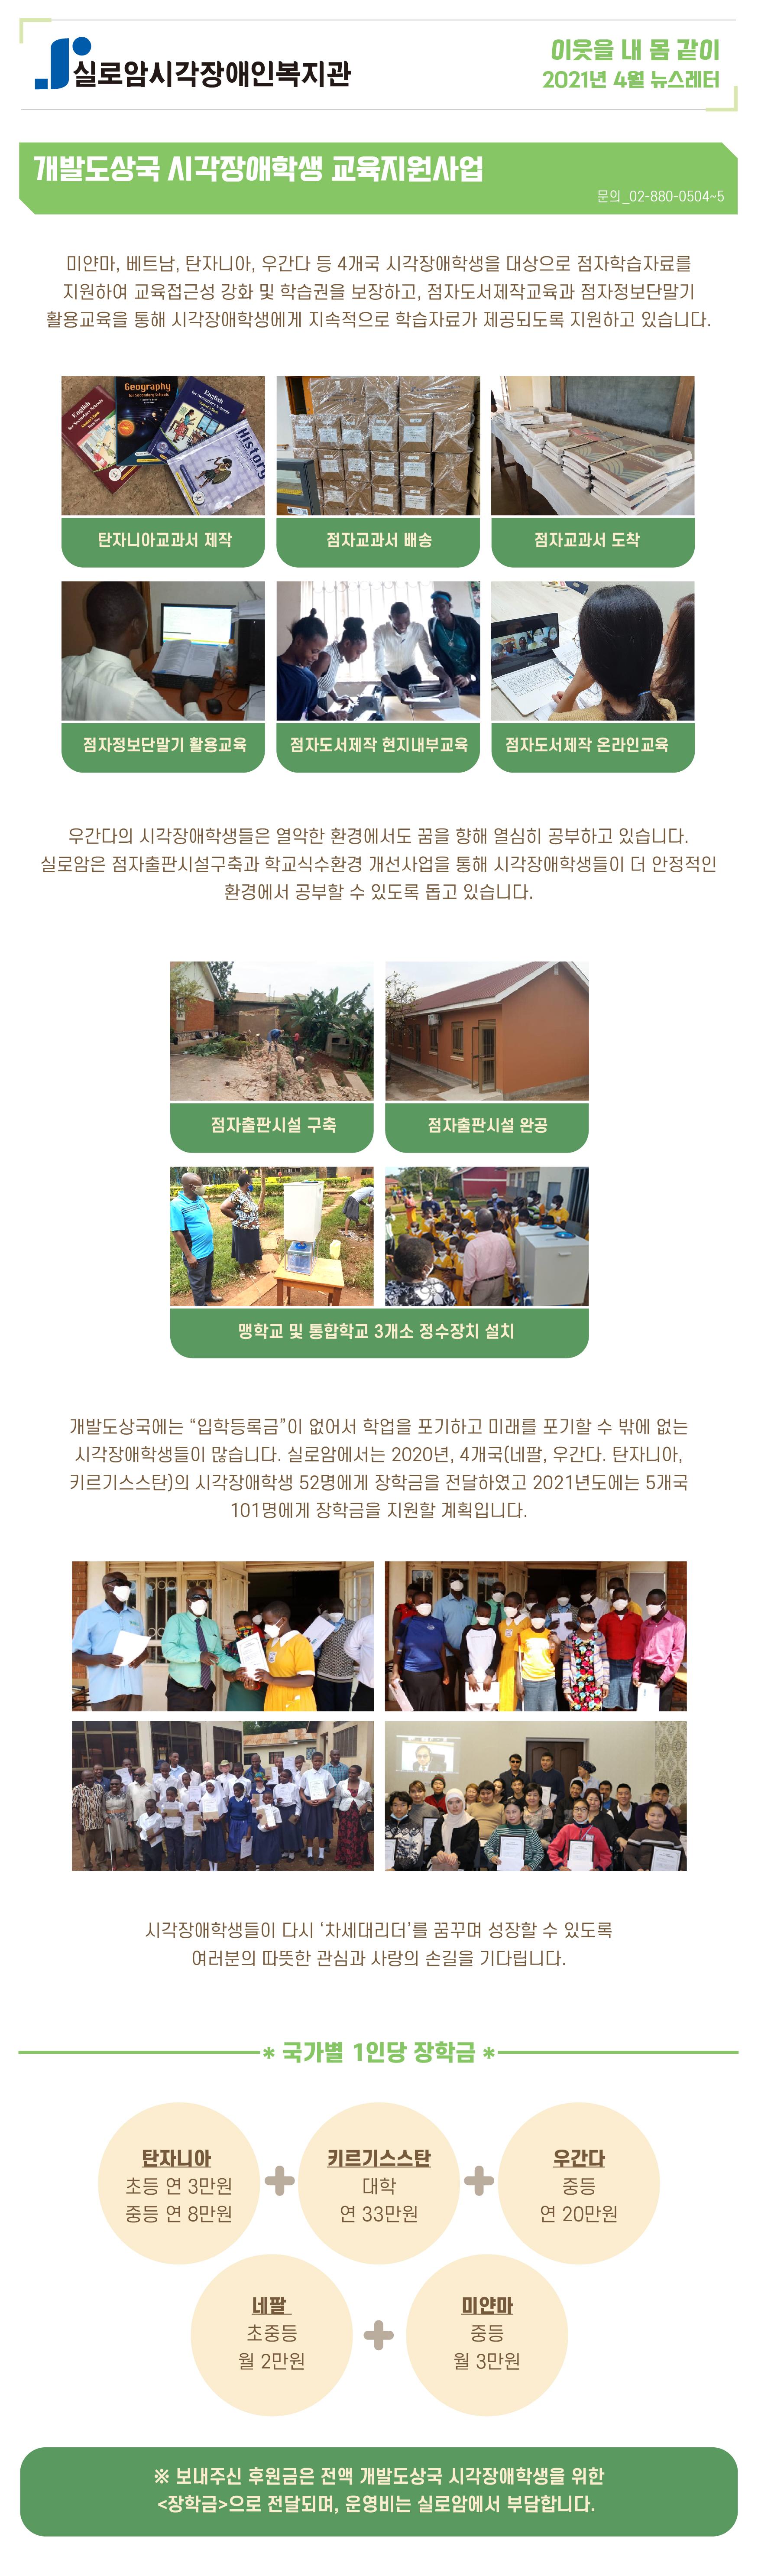 개발도상국 시각장애학생 교육지원사업 썸네일